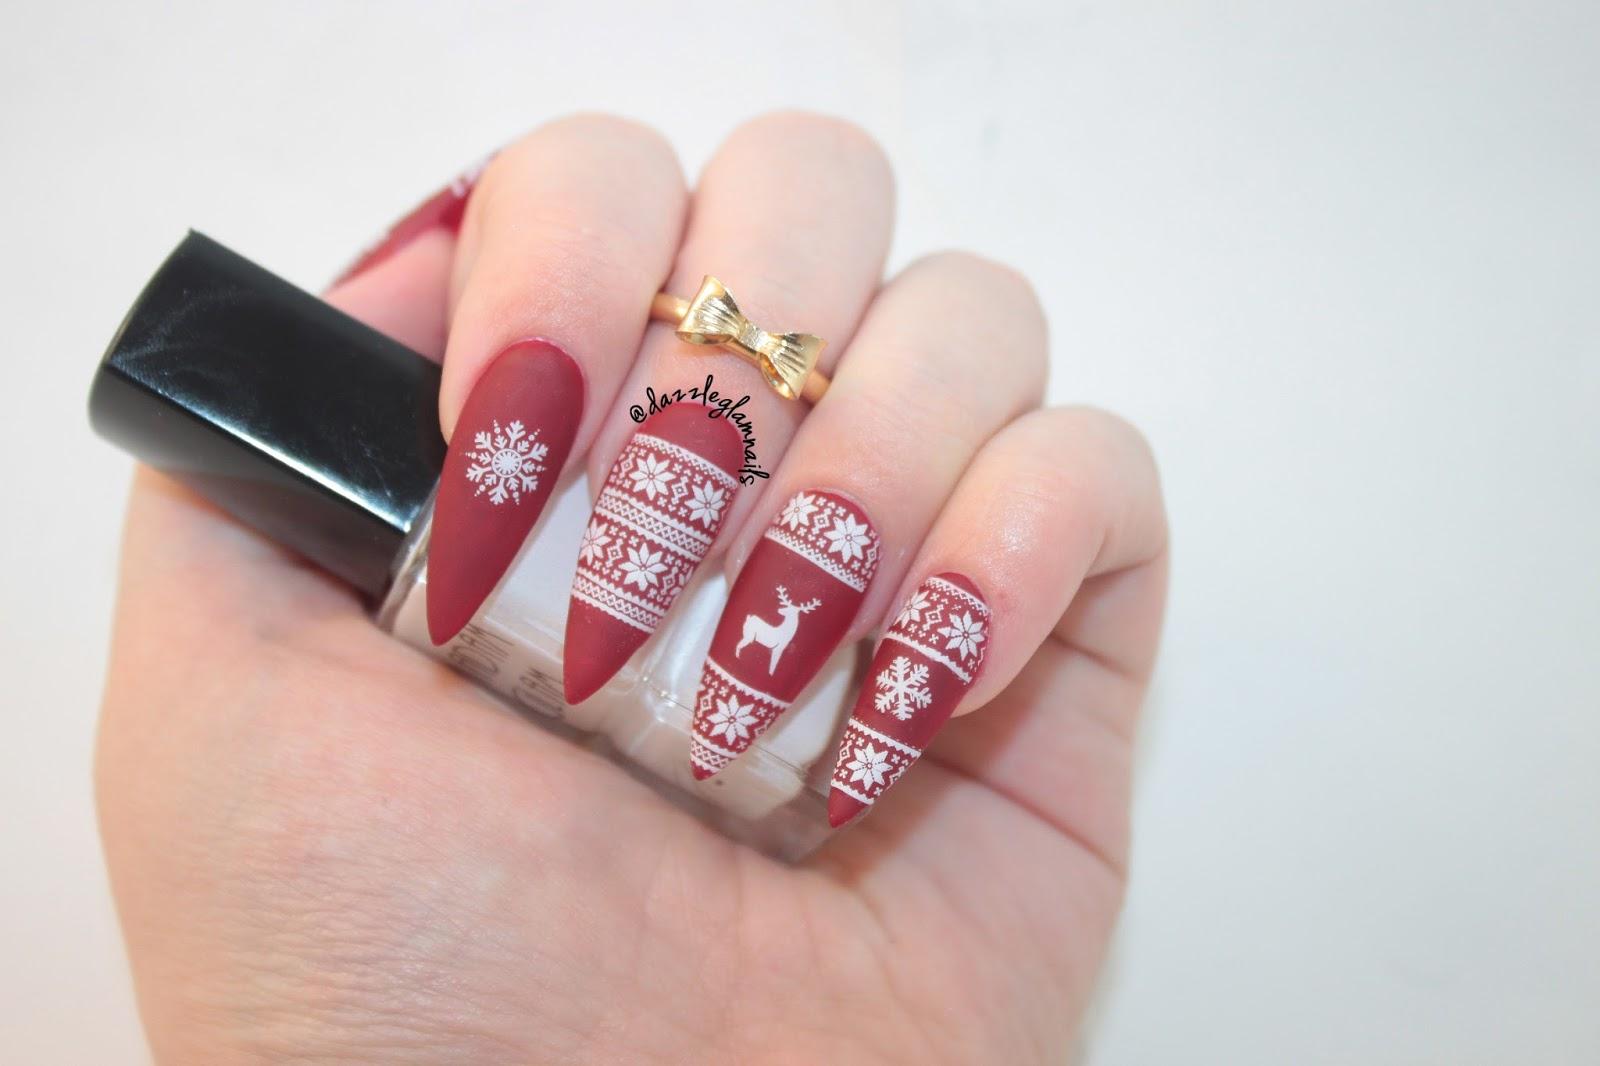 Dazzle Glam Nails | Nail Art Blog